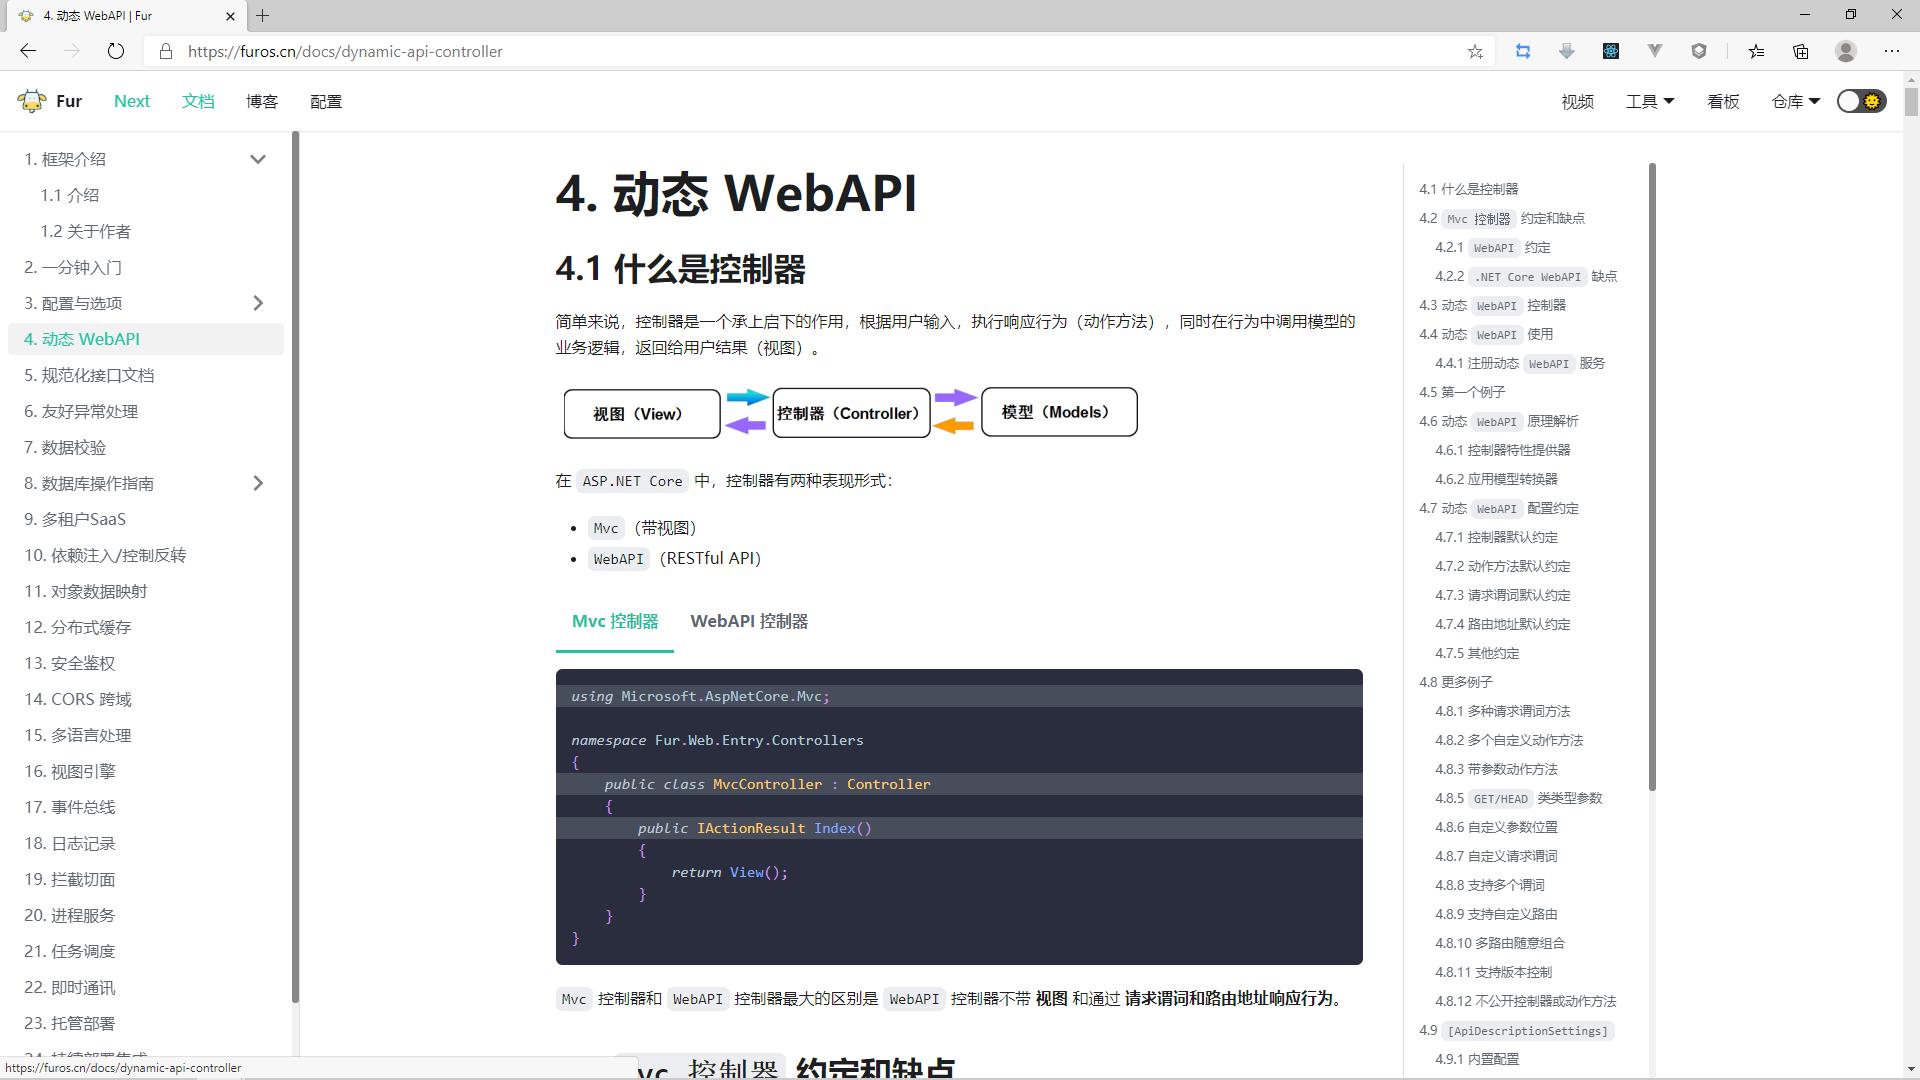 小僧不才,略懂皮毛(Fur):.NET 5 Web 框架 v1.0.0-rc1 面世。